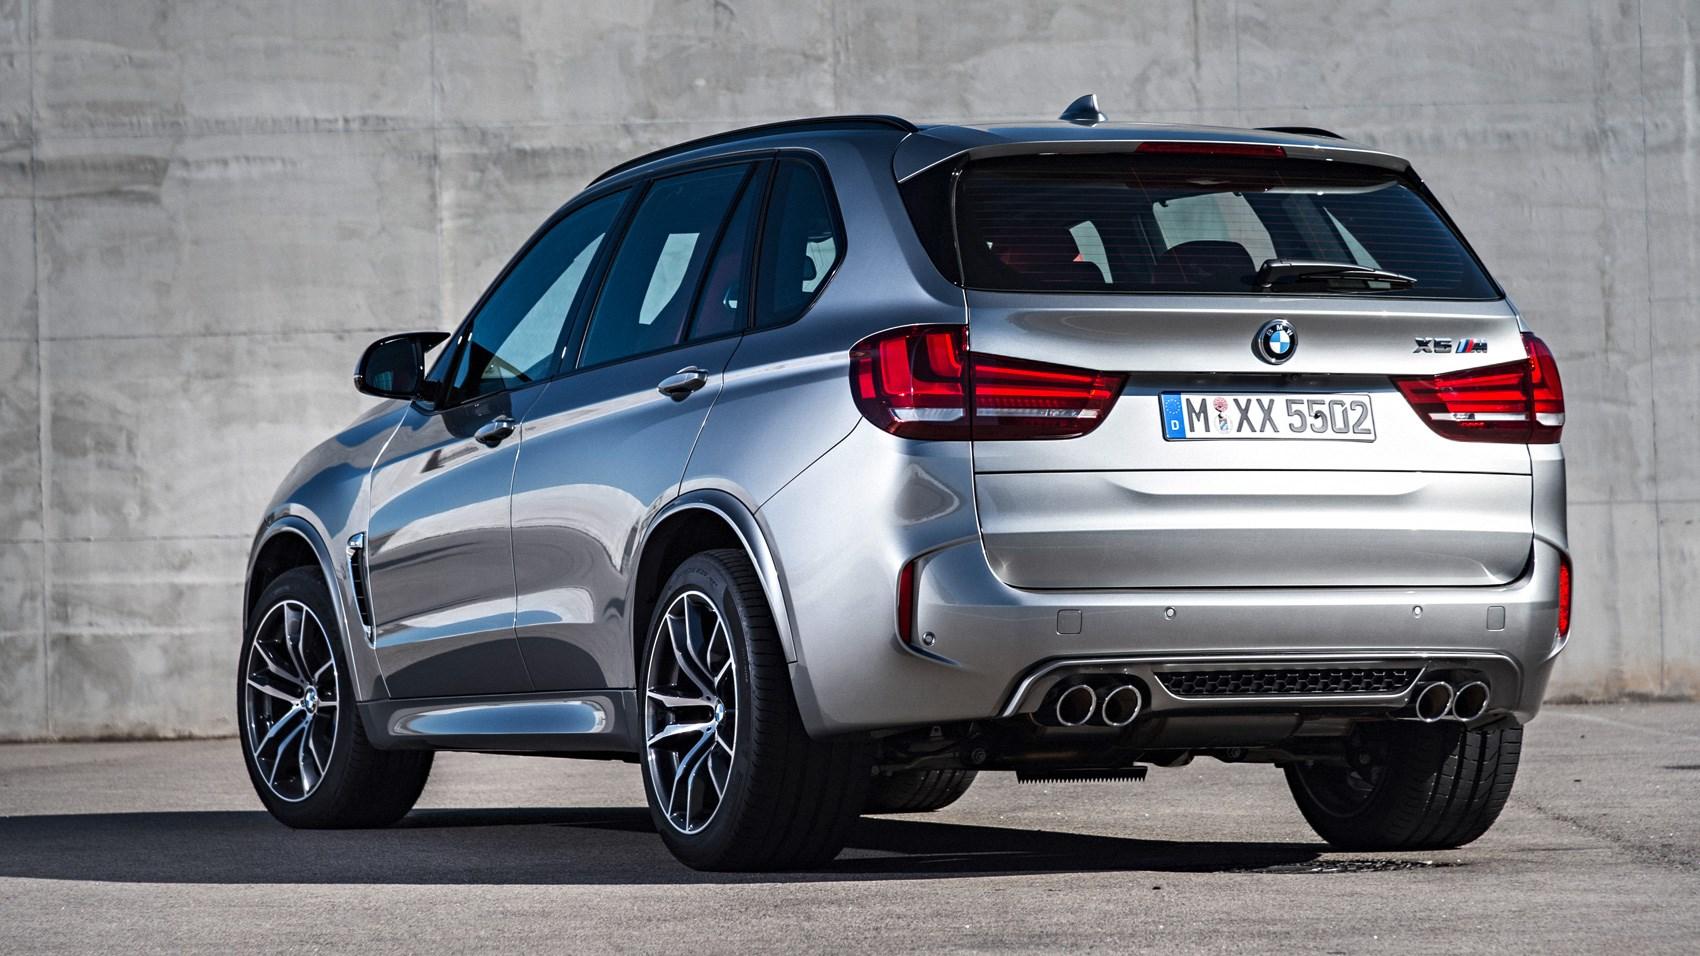 HIBRIDNI TERENEC BMW X5